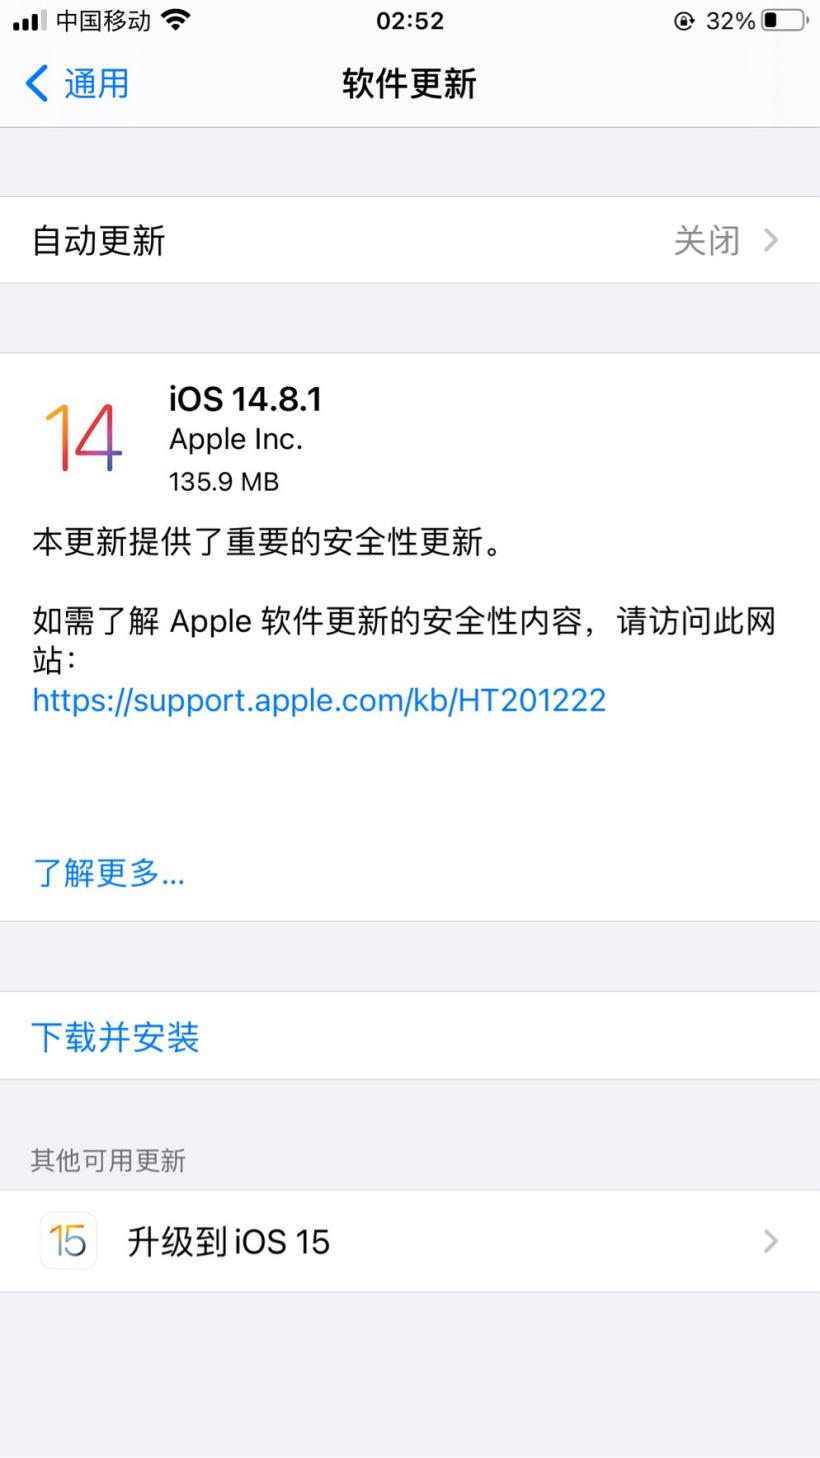 苹果iOS 14.8.1正式版发布 对未安装 iOS 15设备进行安全改进 